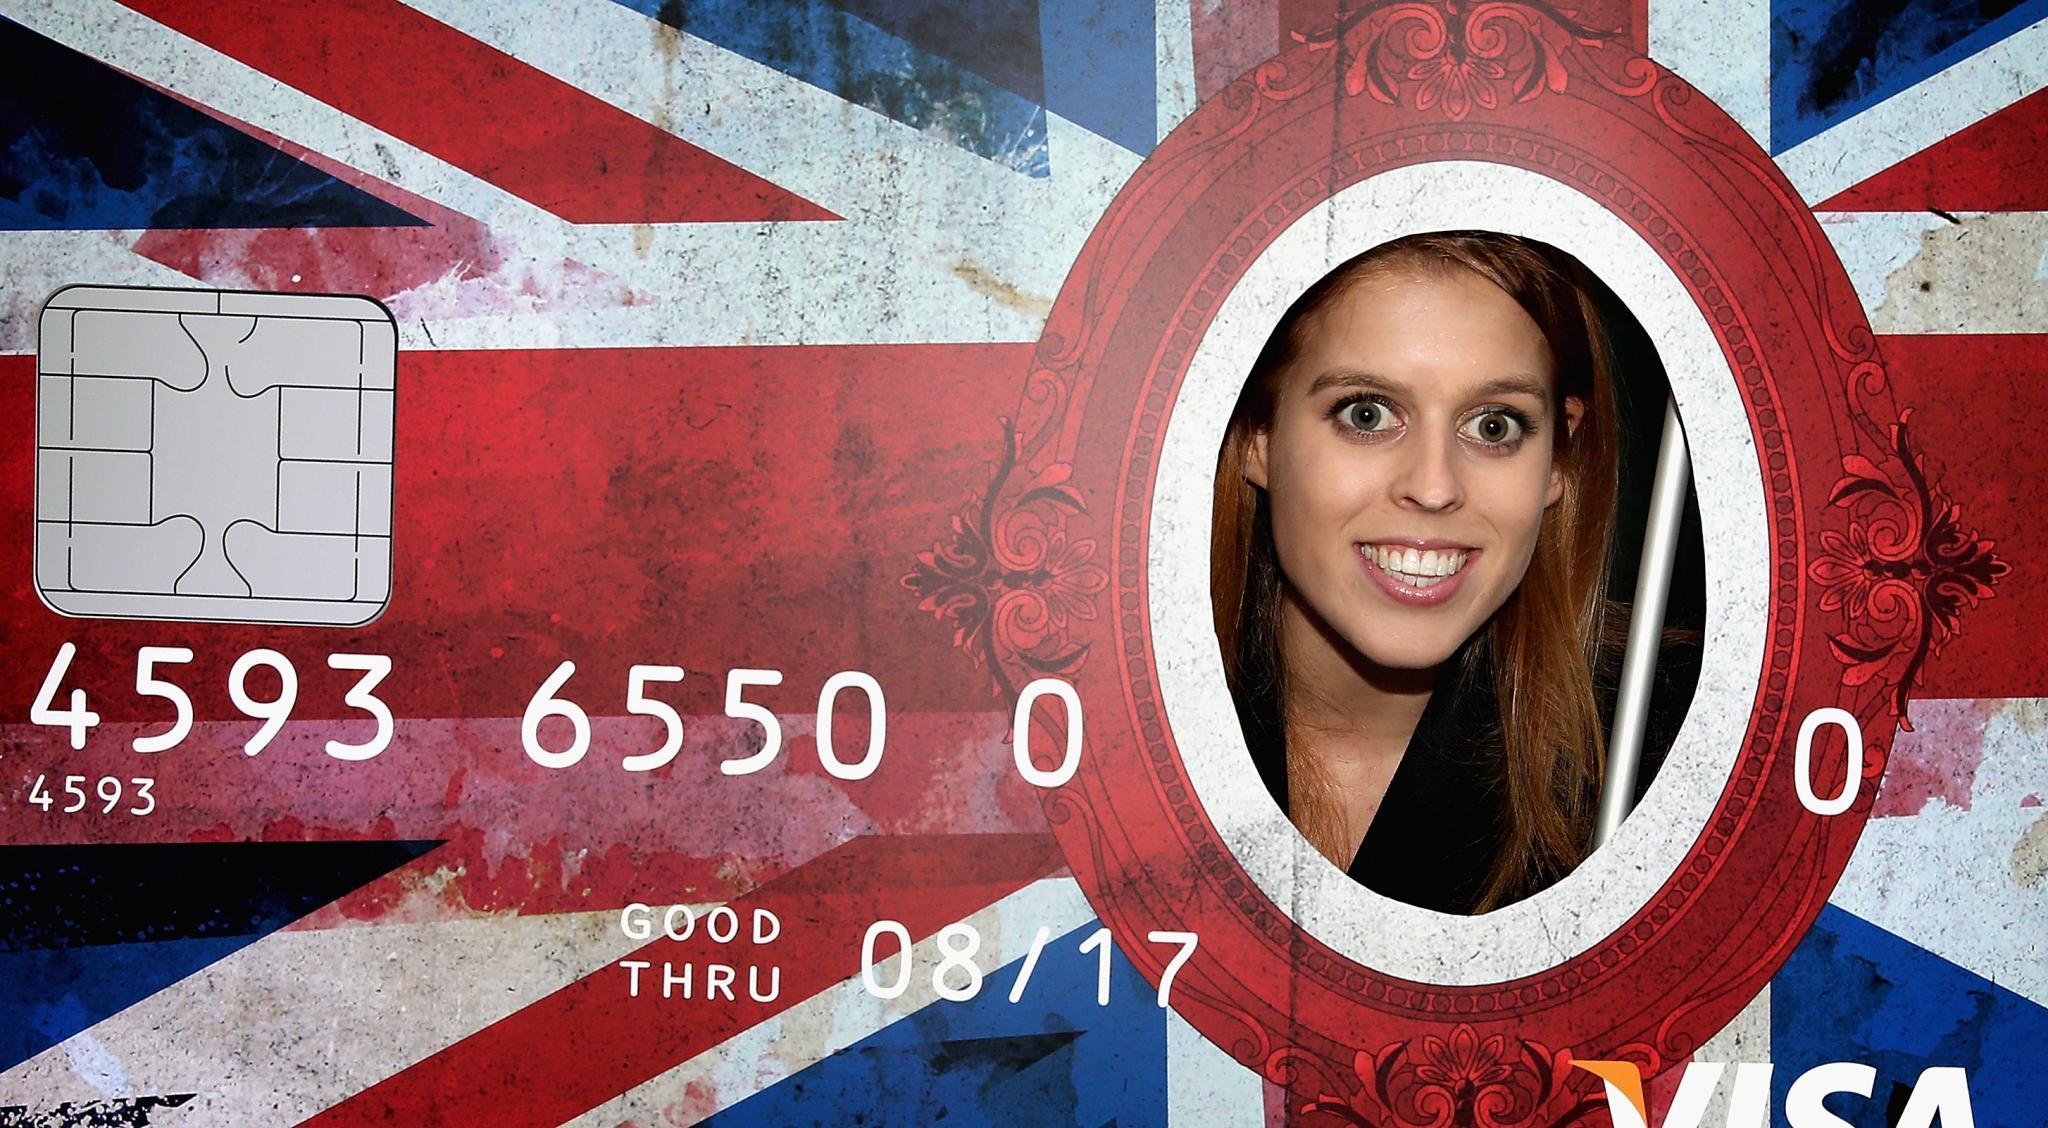 Bei Zalando in Berlin wird Beatrice mit einer übergroßen Kreditkarte überrascht.